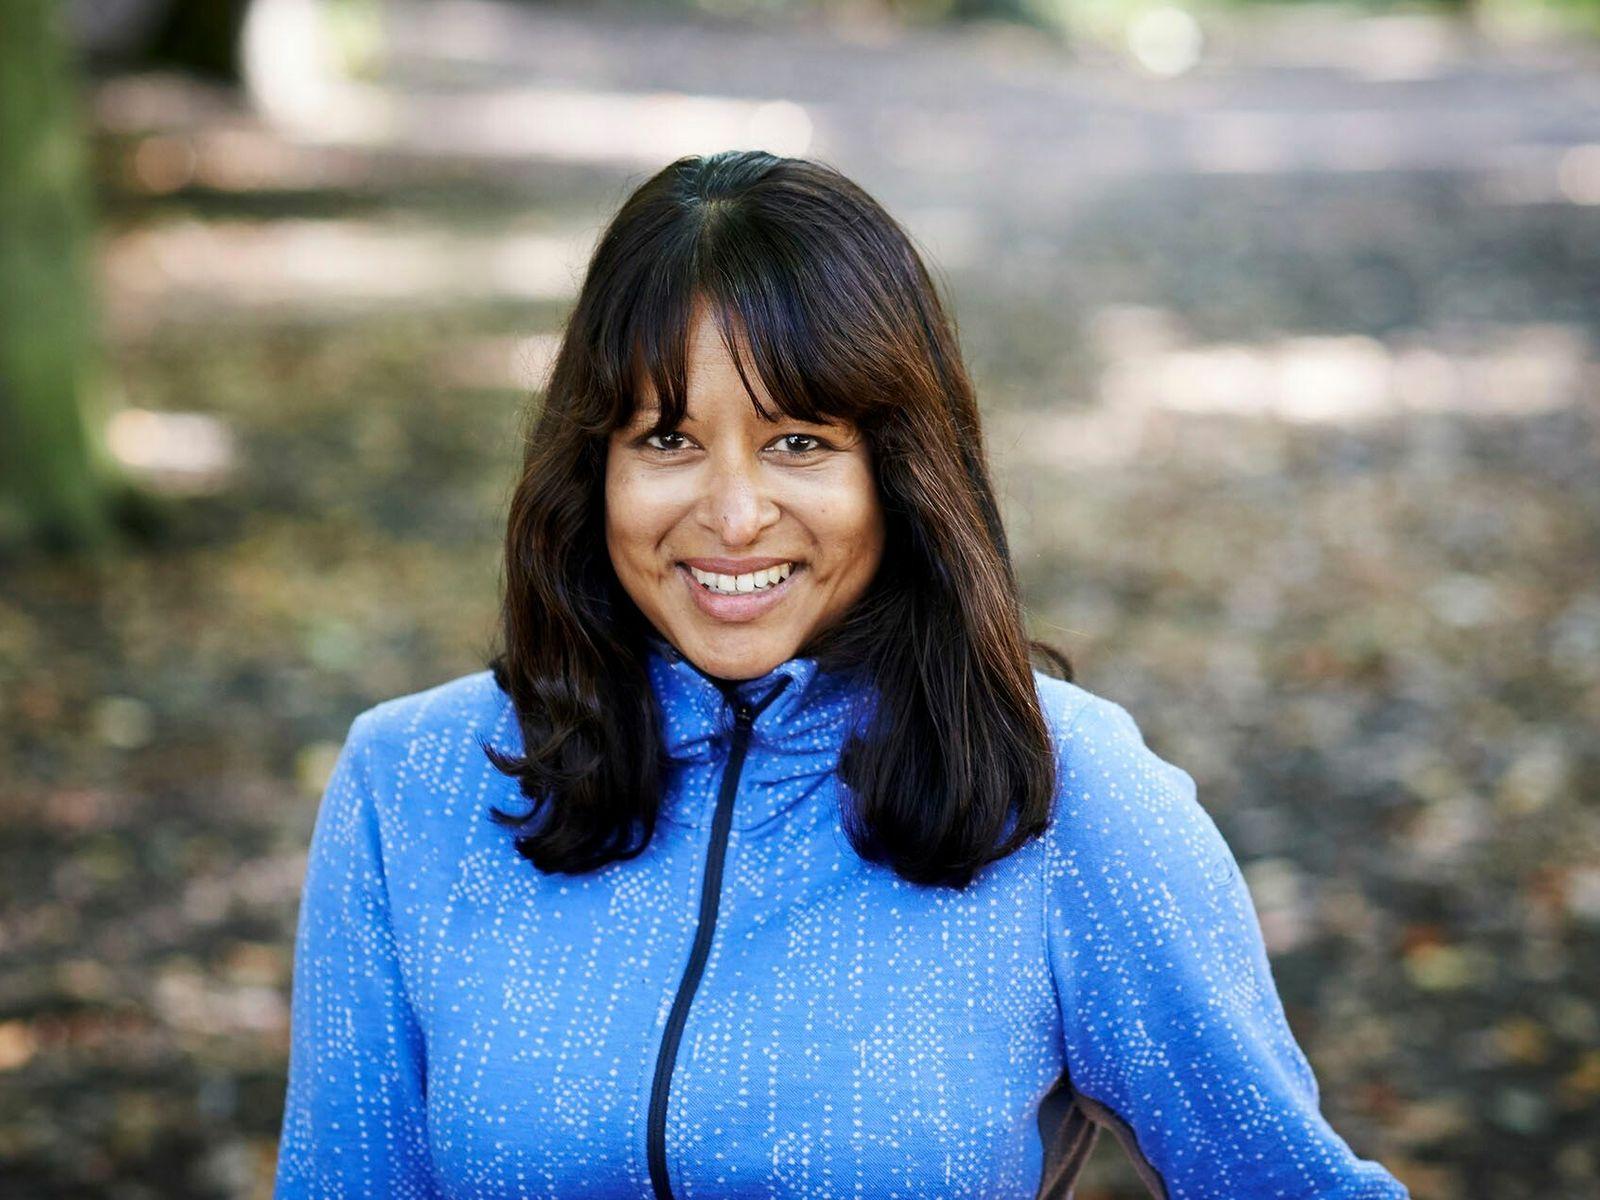 Jini é a autora de Wanderland, publicado pela editora Bloomsbury Books. O livro foi selecionado para ...